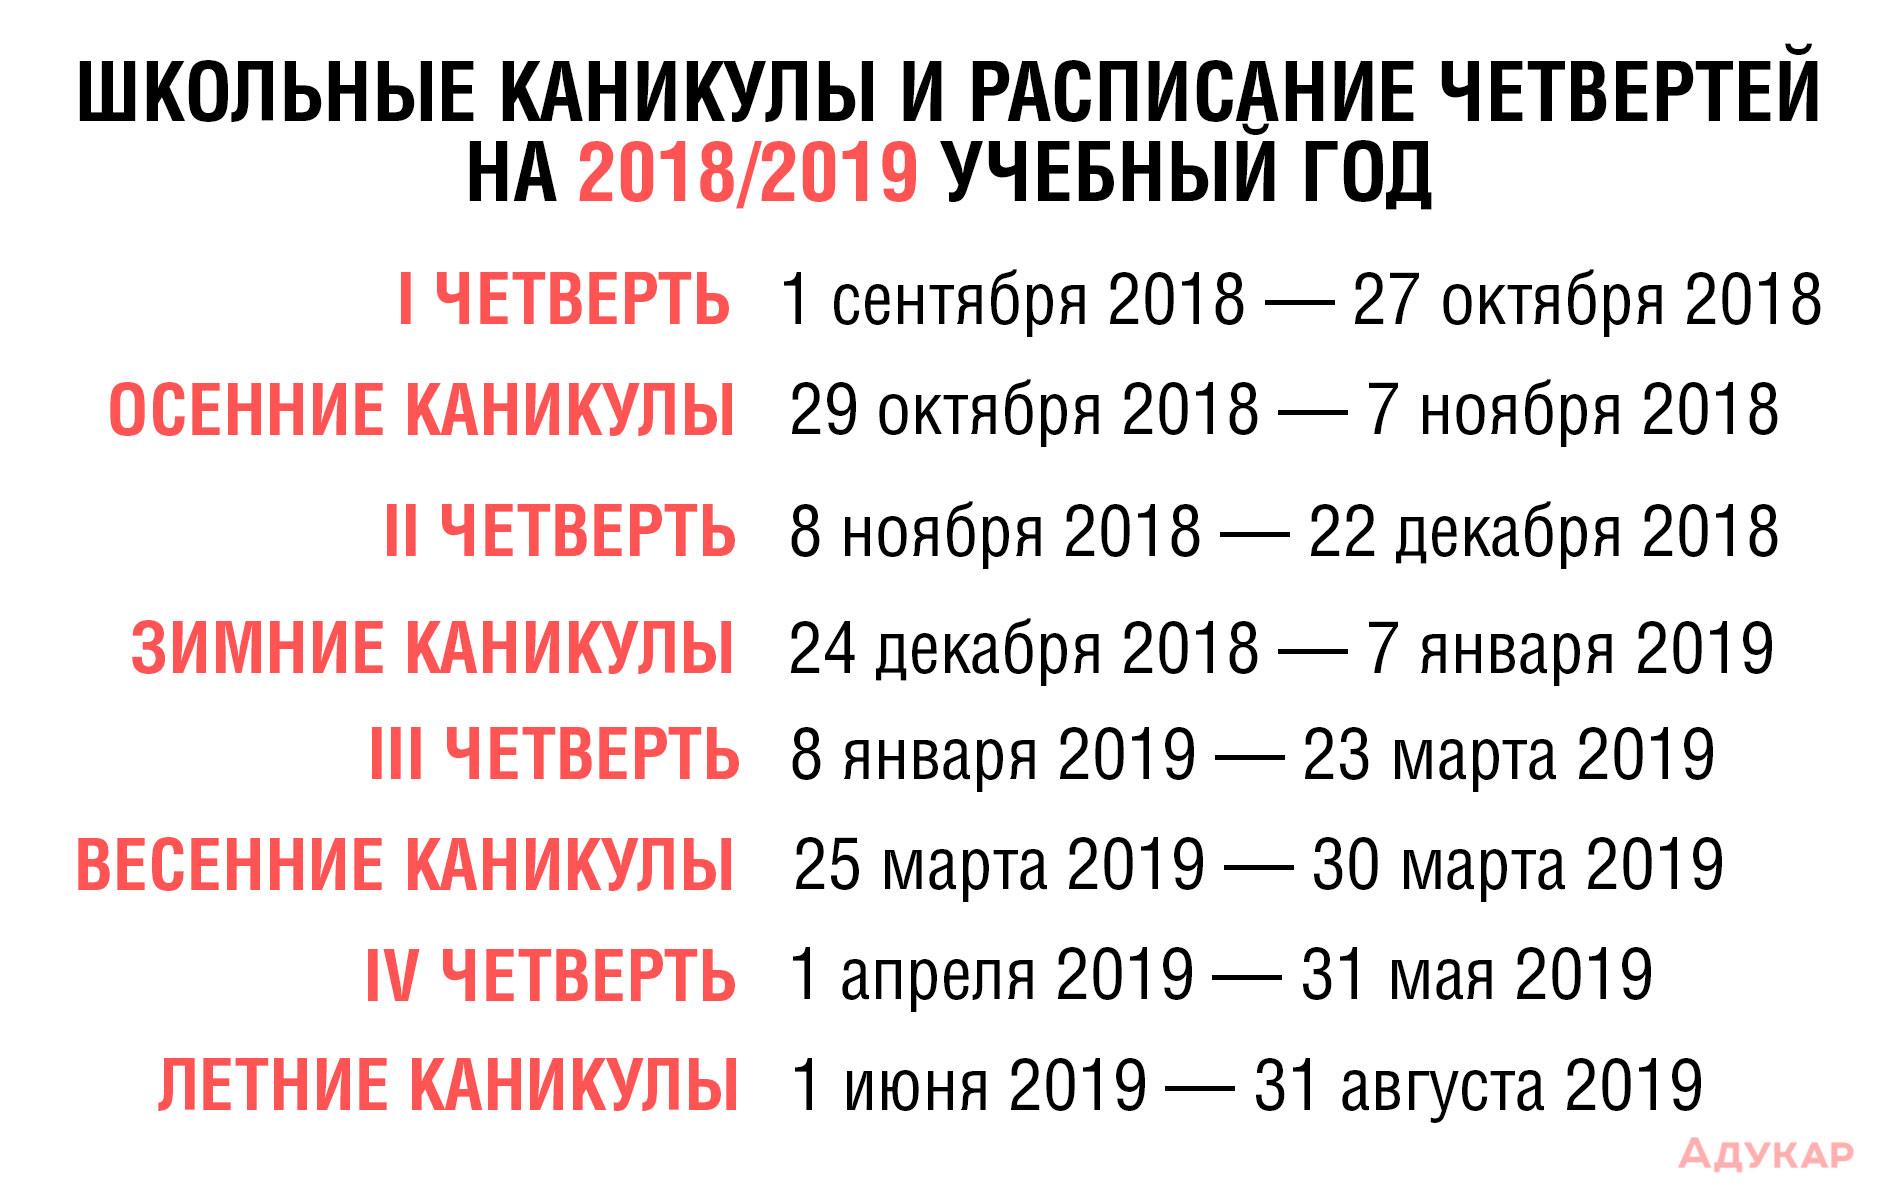 Когда летние каникулы 2019